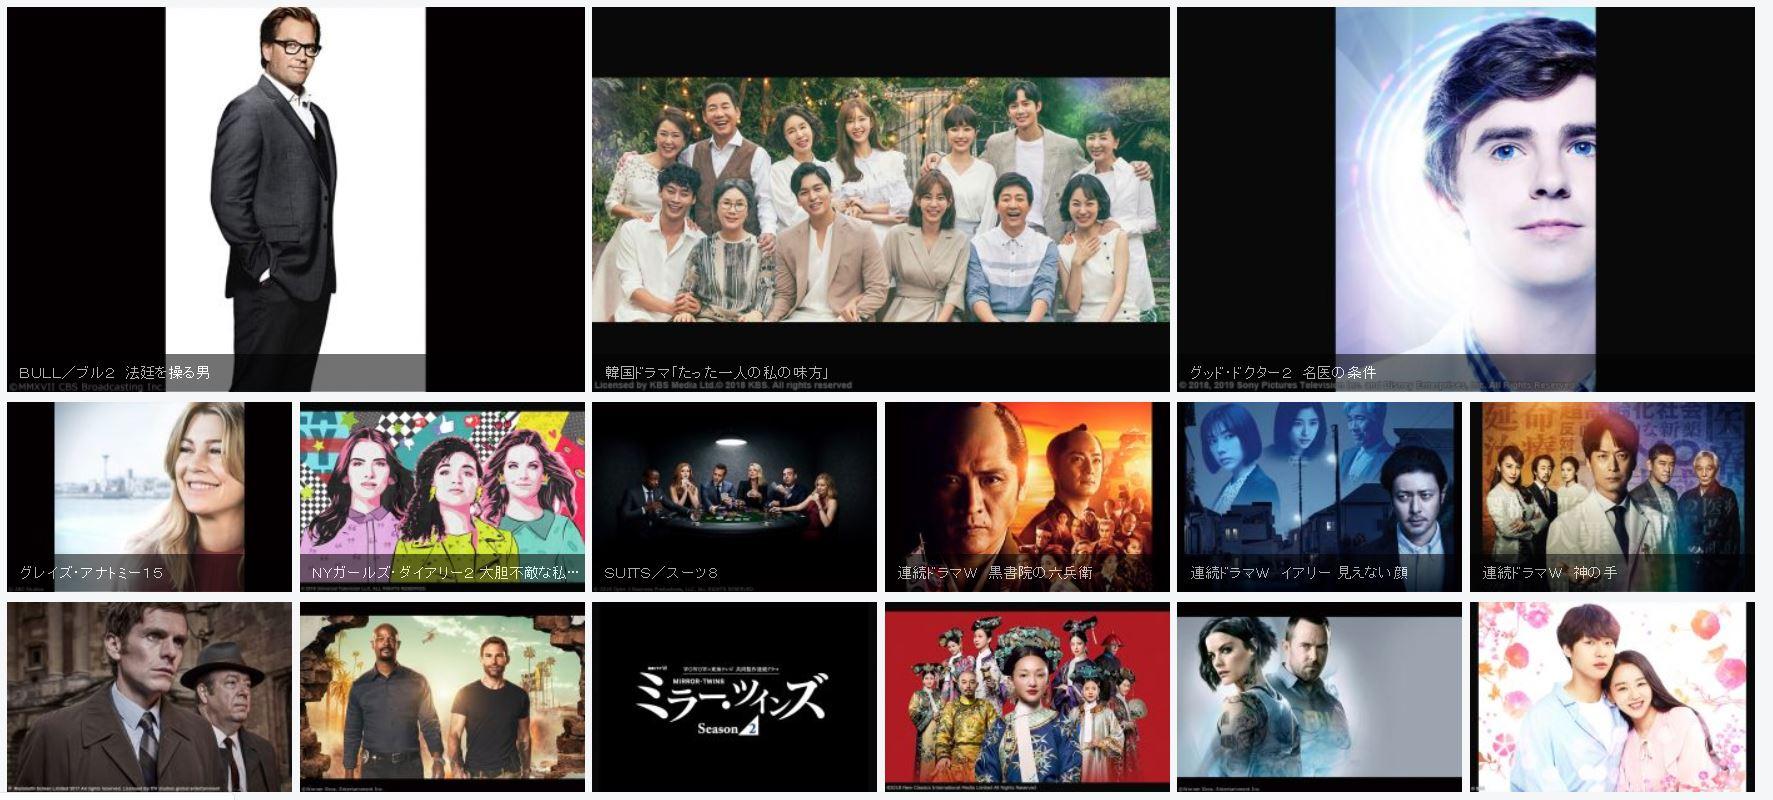 WOWOWオリジナルドラマを無料視聴する方法